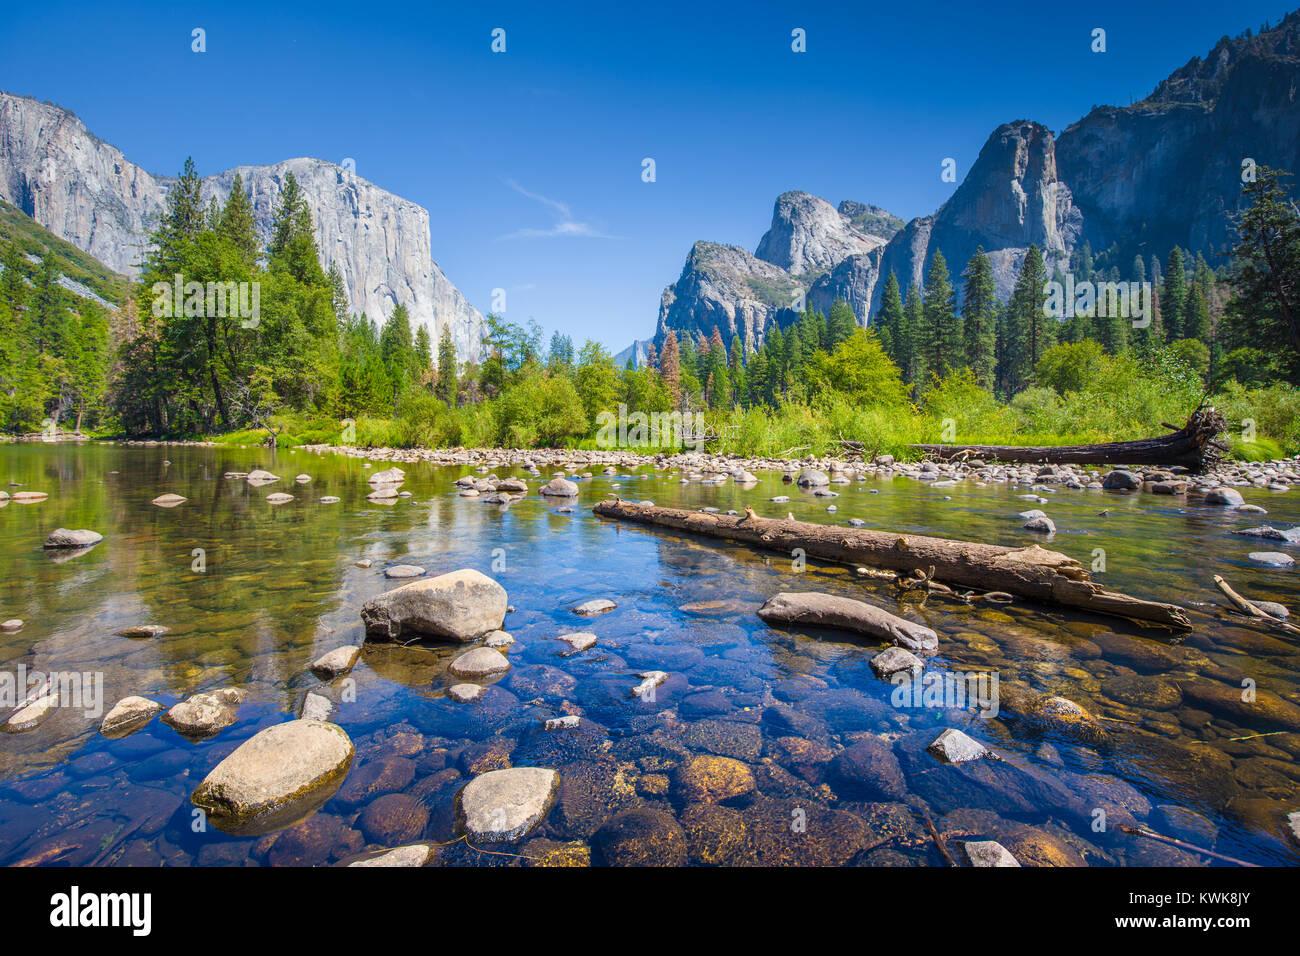 Visualizzazione classica di scenic Yosemite Valley con il famoso El Capitan arrampicata su roccia vertice e idilliaco Immagini Stock